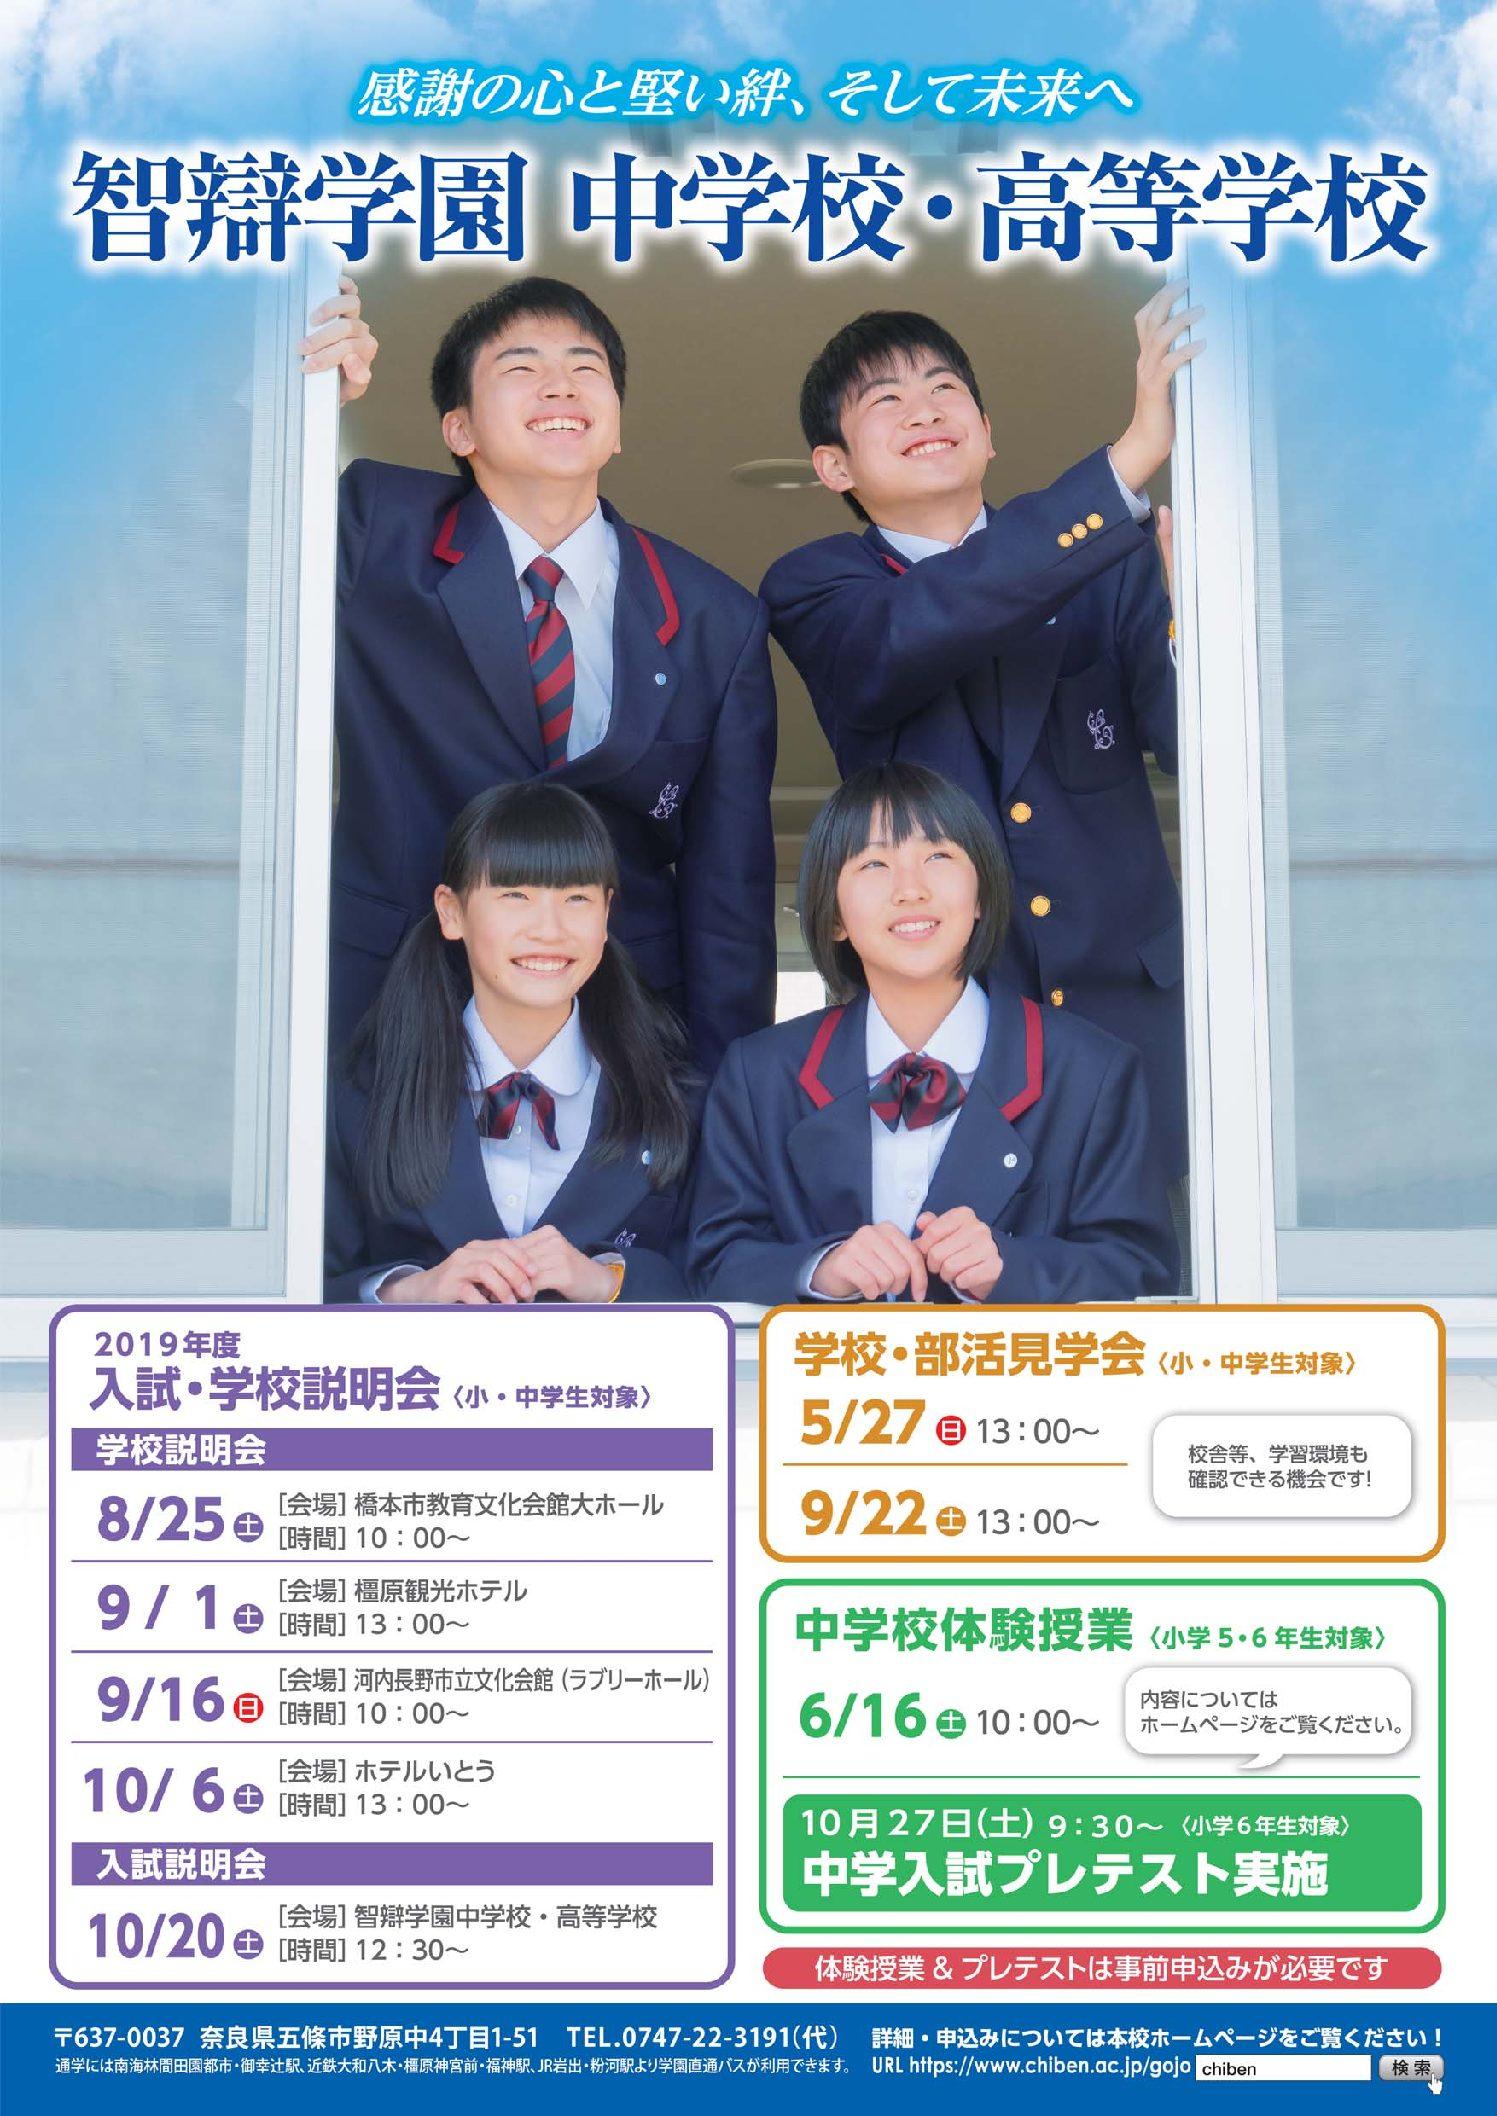 【中学・高校】入試・学校見学会のポスターです。